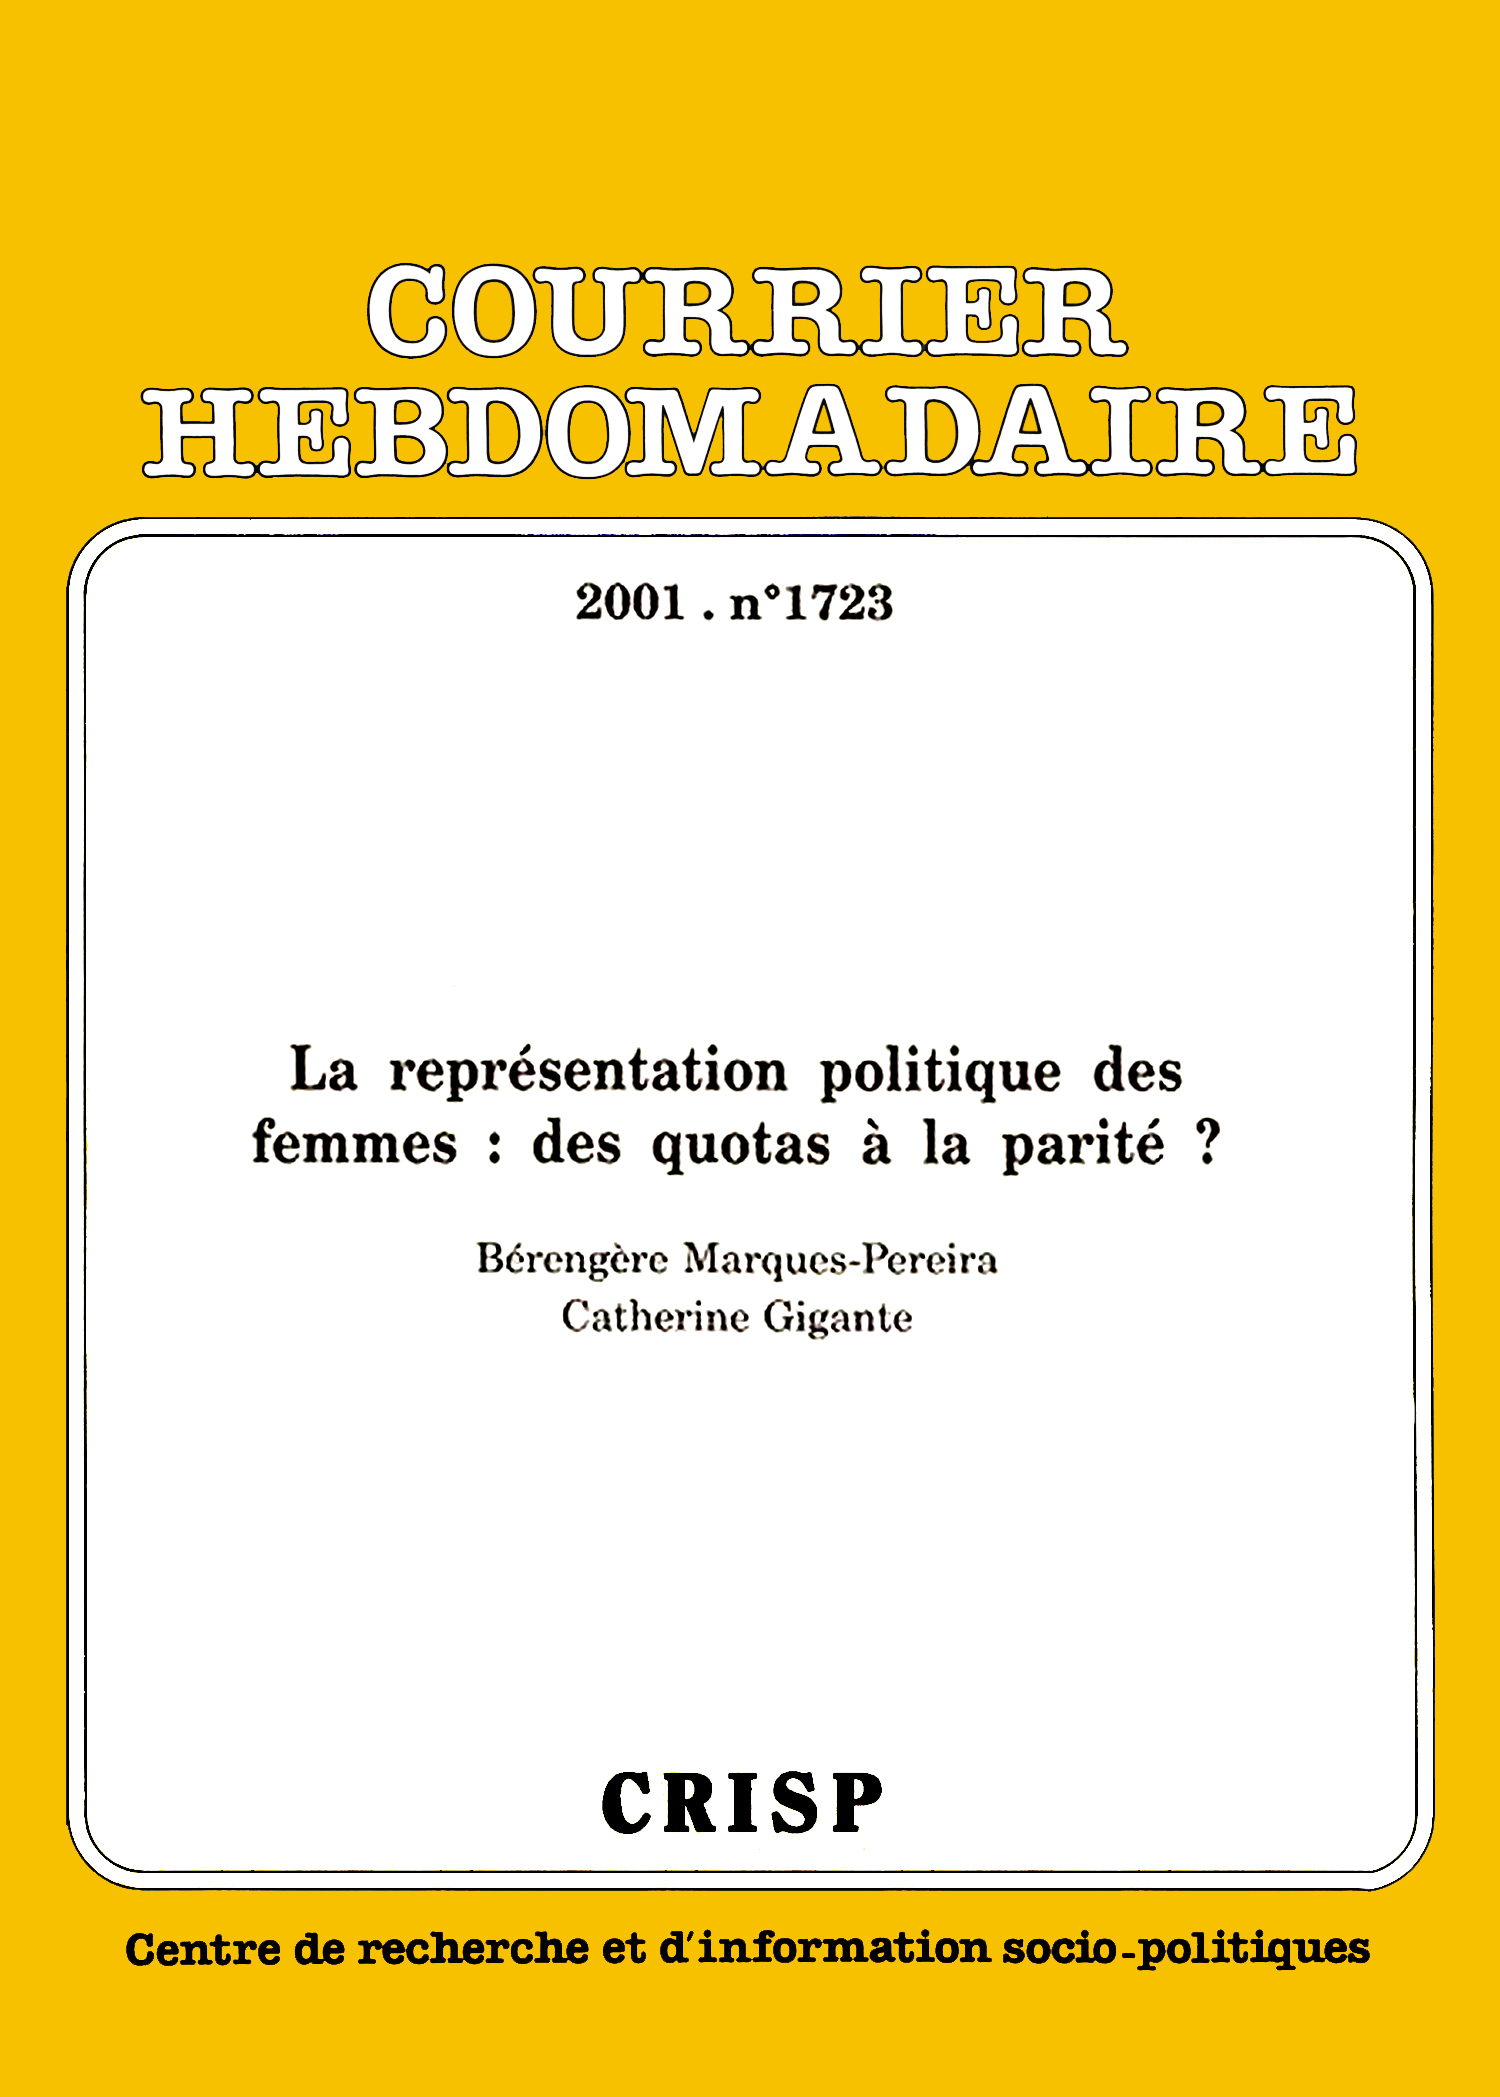 La représentation politique des femmes a7e9e15c87b